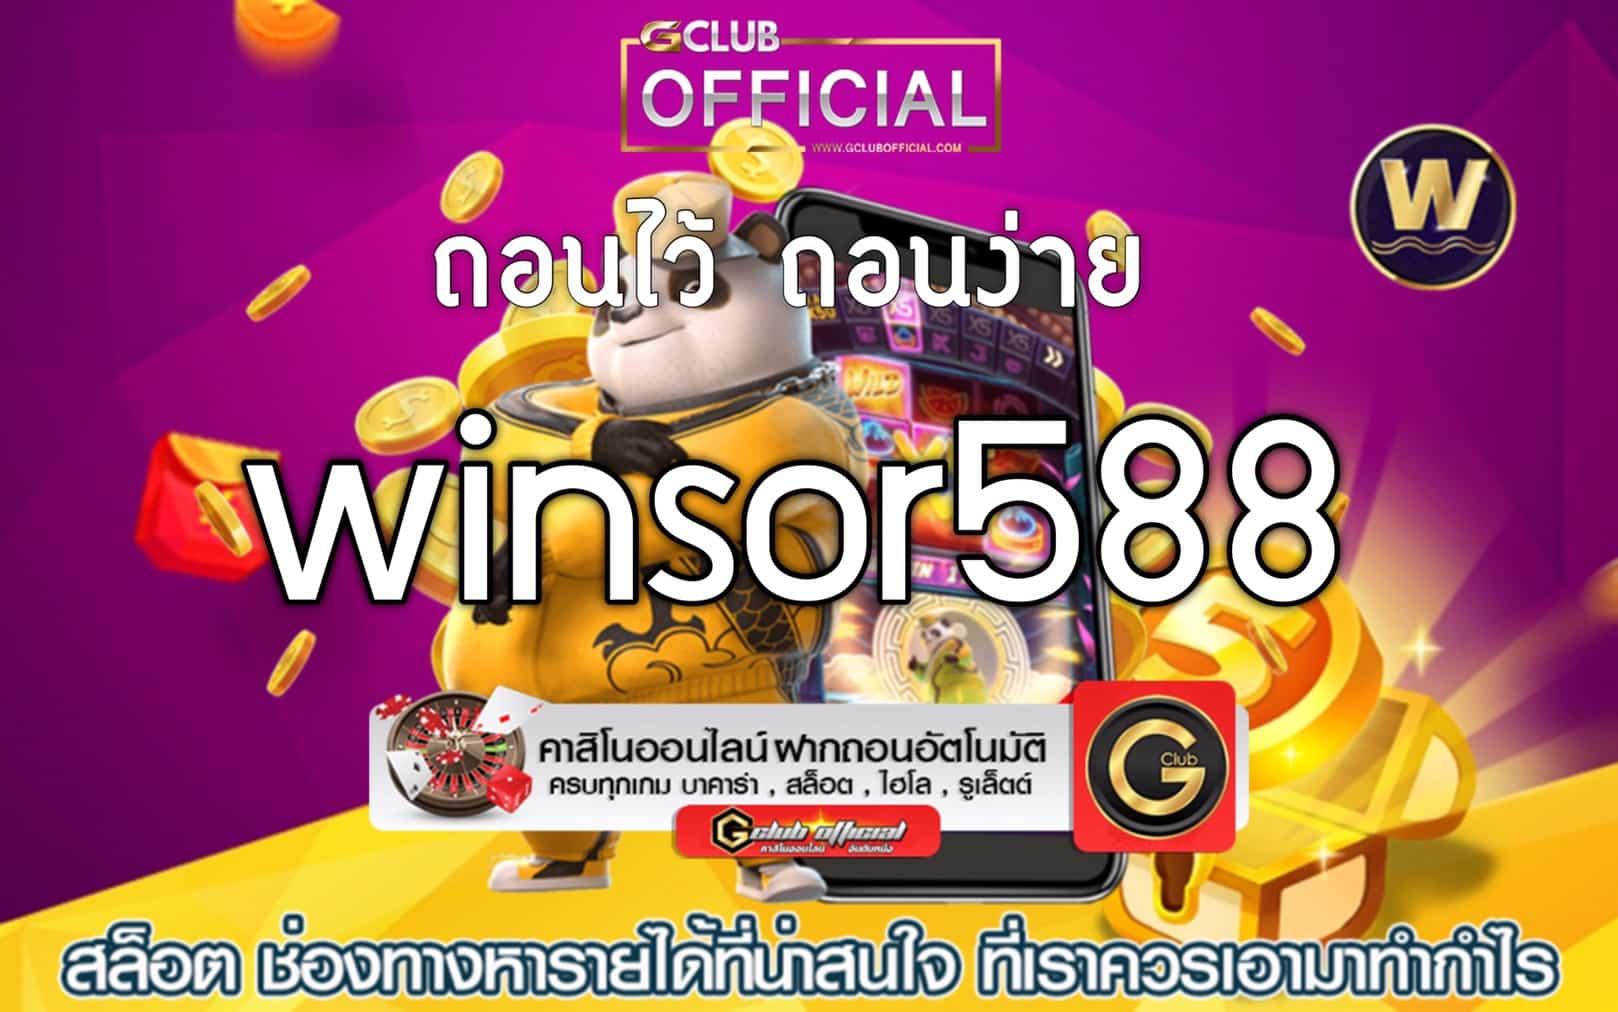 winsor588 ถอนไว้ ถอนง่าย